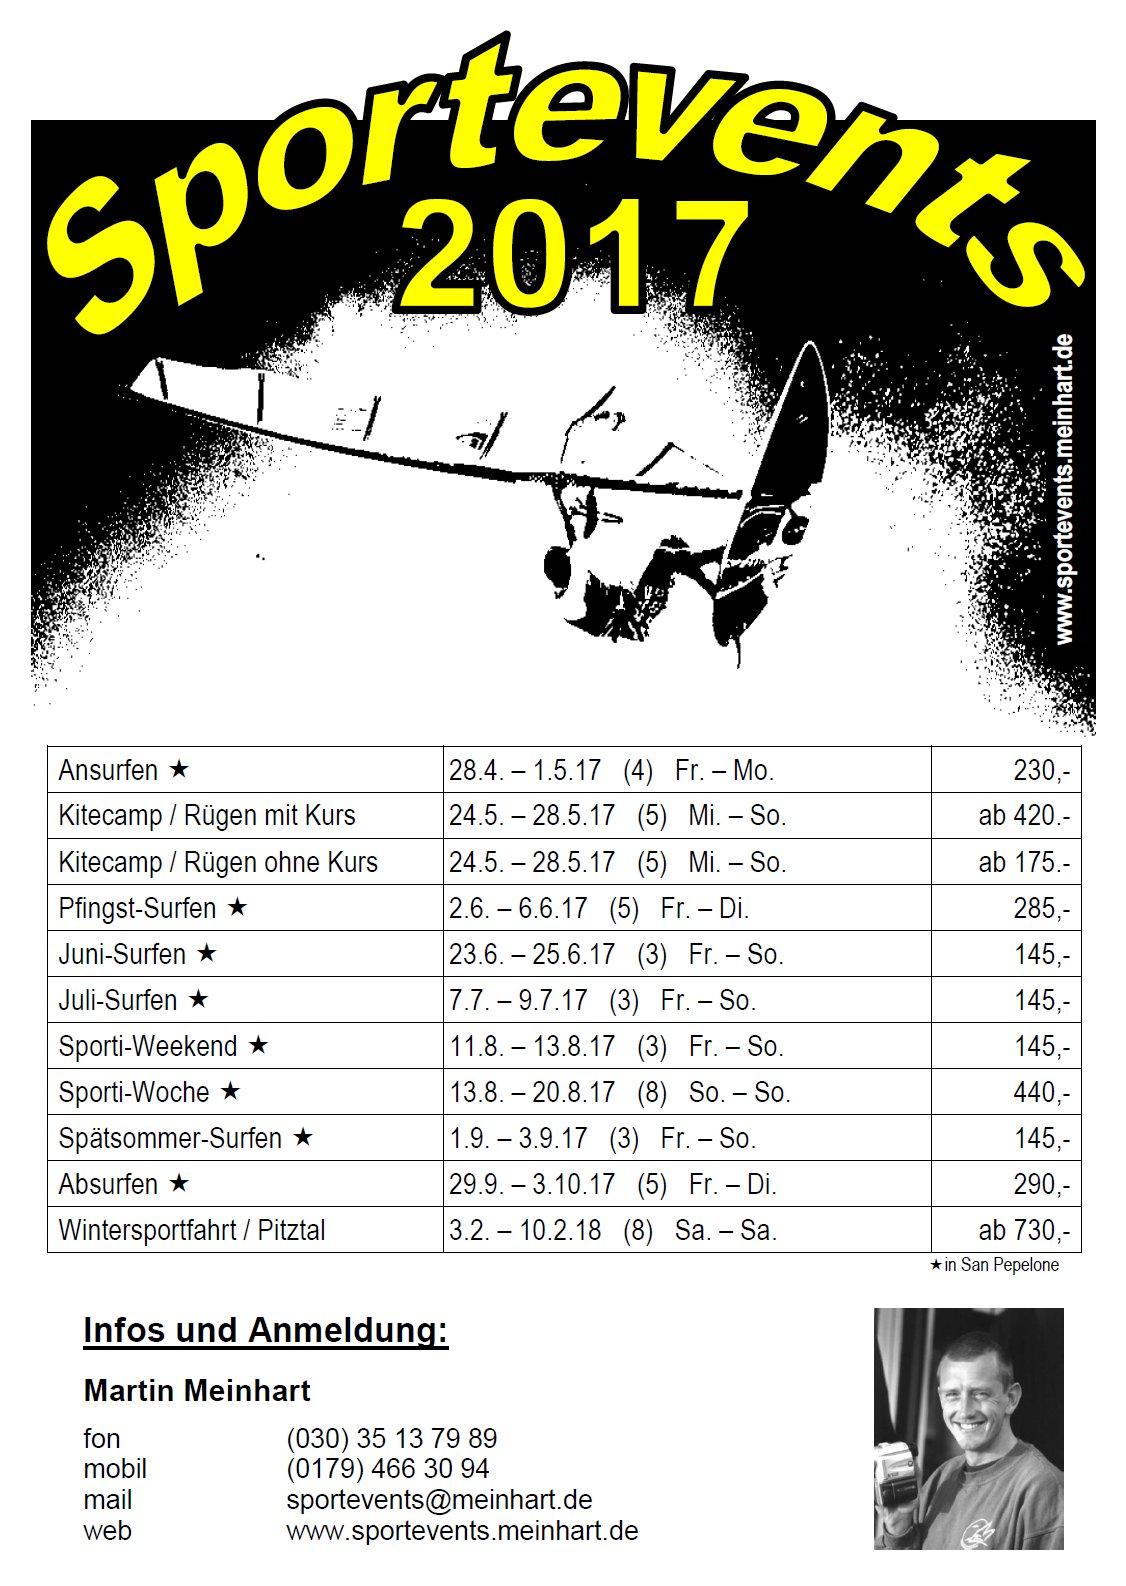 Sportevents_2017